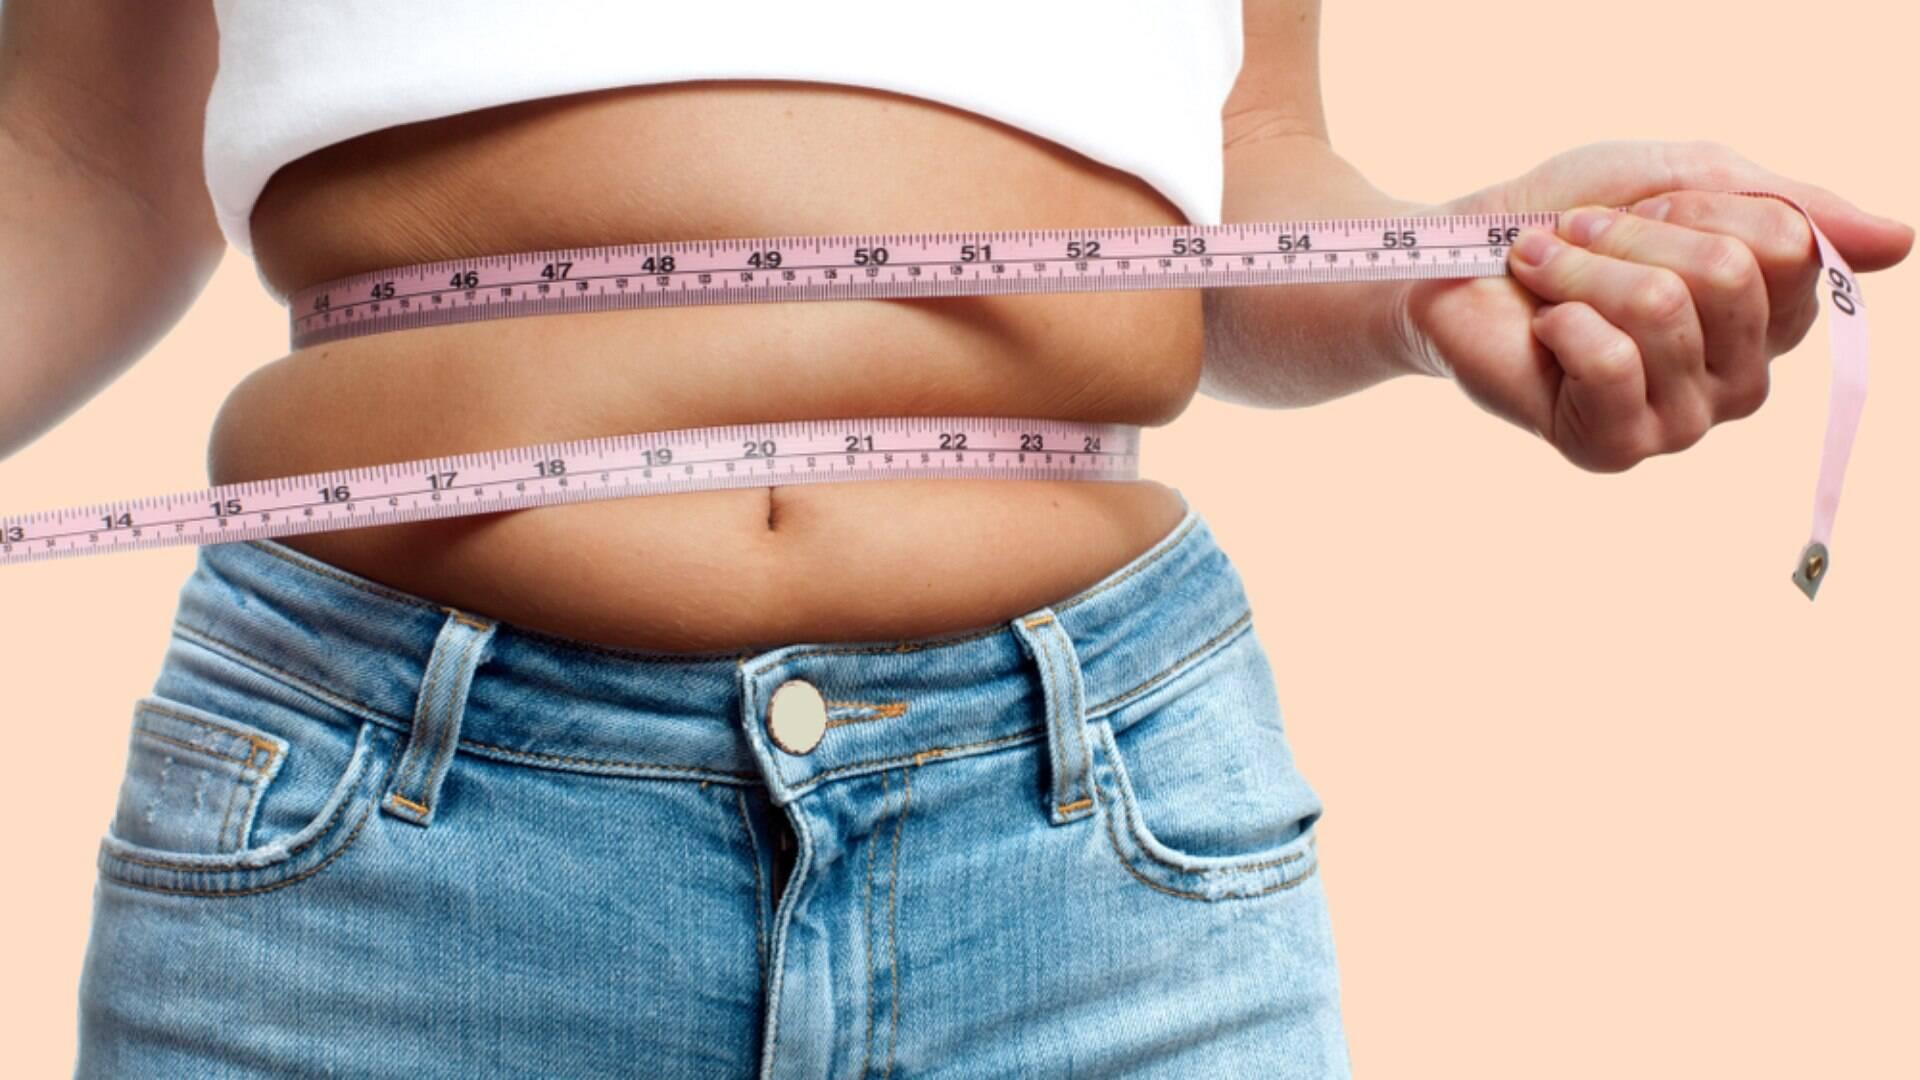 dieta para acabar com barriga pochete